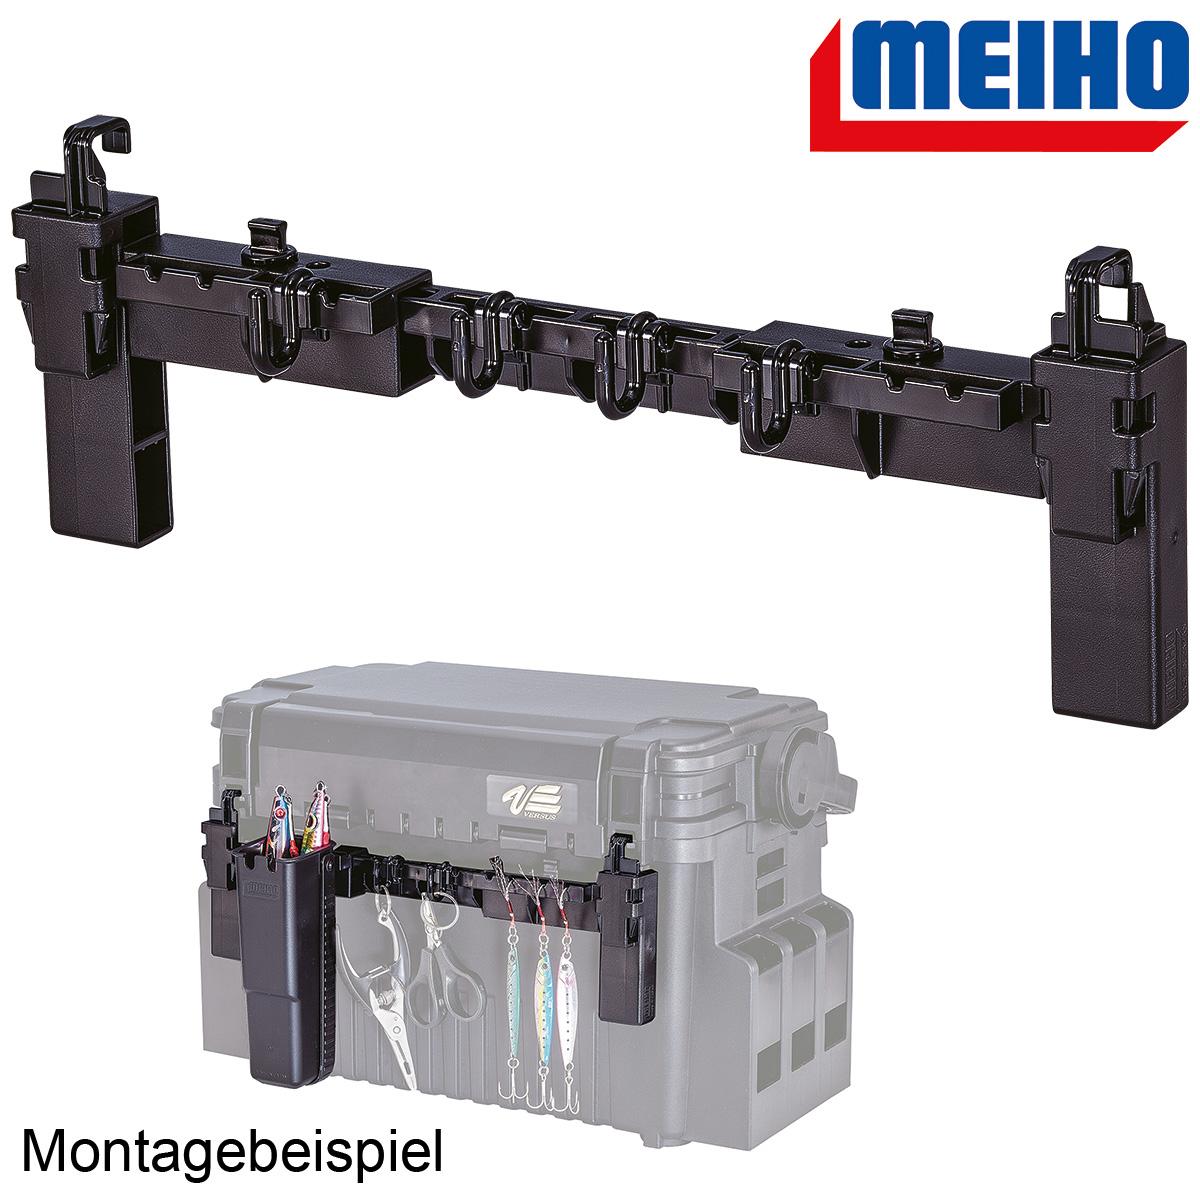 MEIHO Multihanger BM Hakenleiste für Meiho Boxen